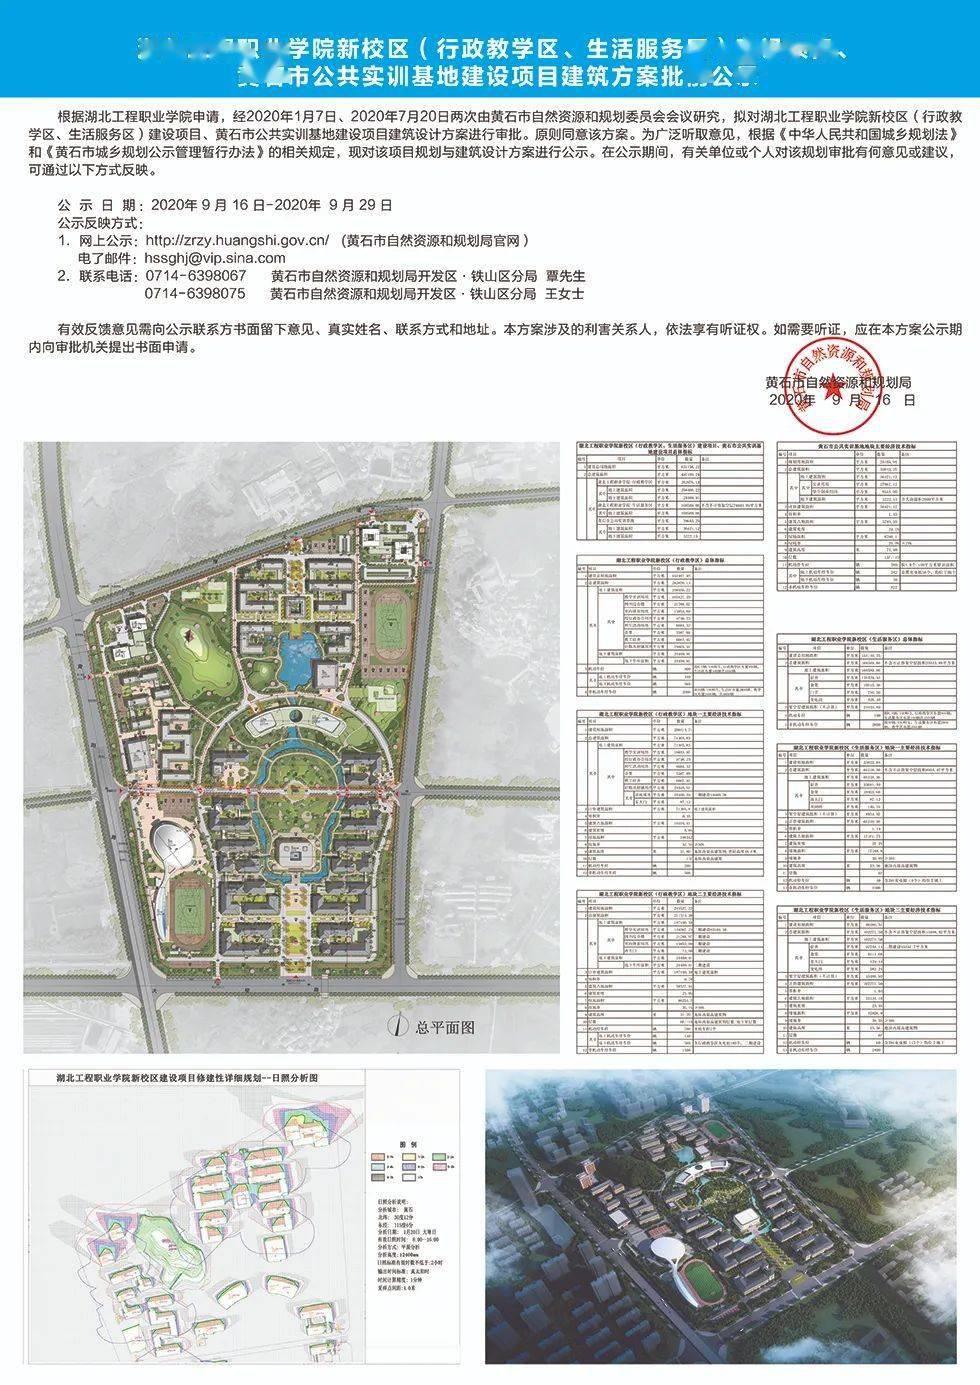 期待!黄石这所高校(新校区)建设方案大曝光|亚博APP安全有保障